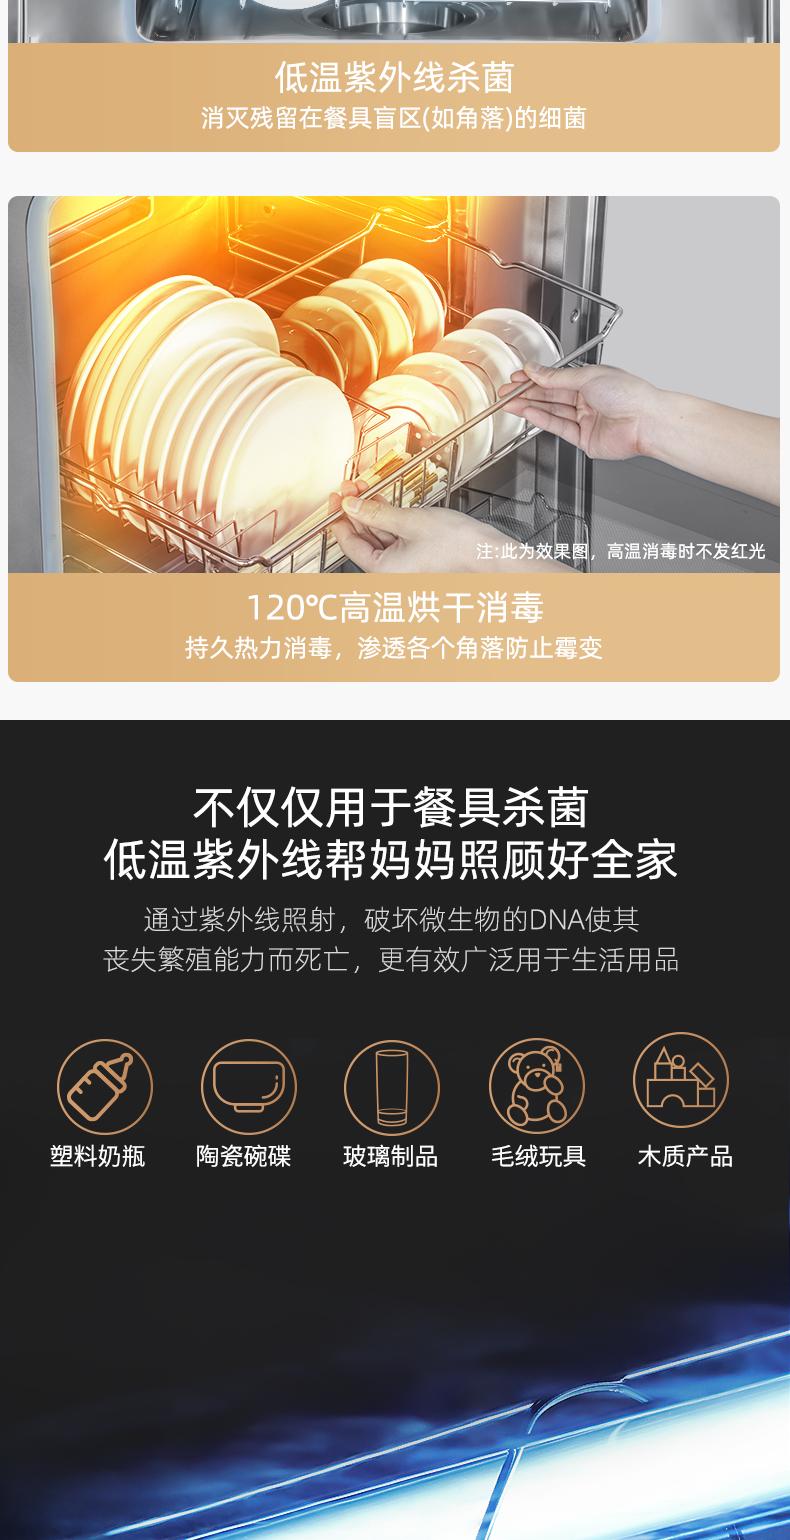 欧尼尔LX5BZK一体式厨房集成灶紫外线消毒